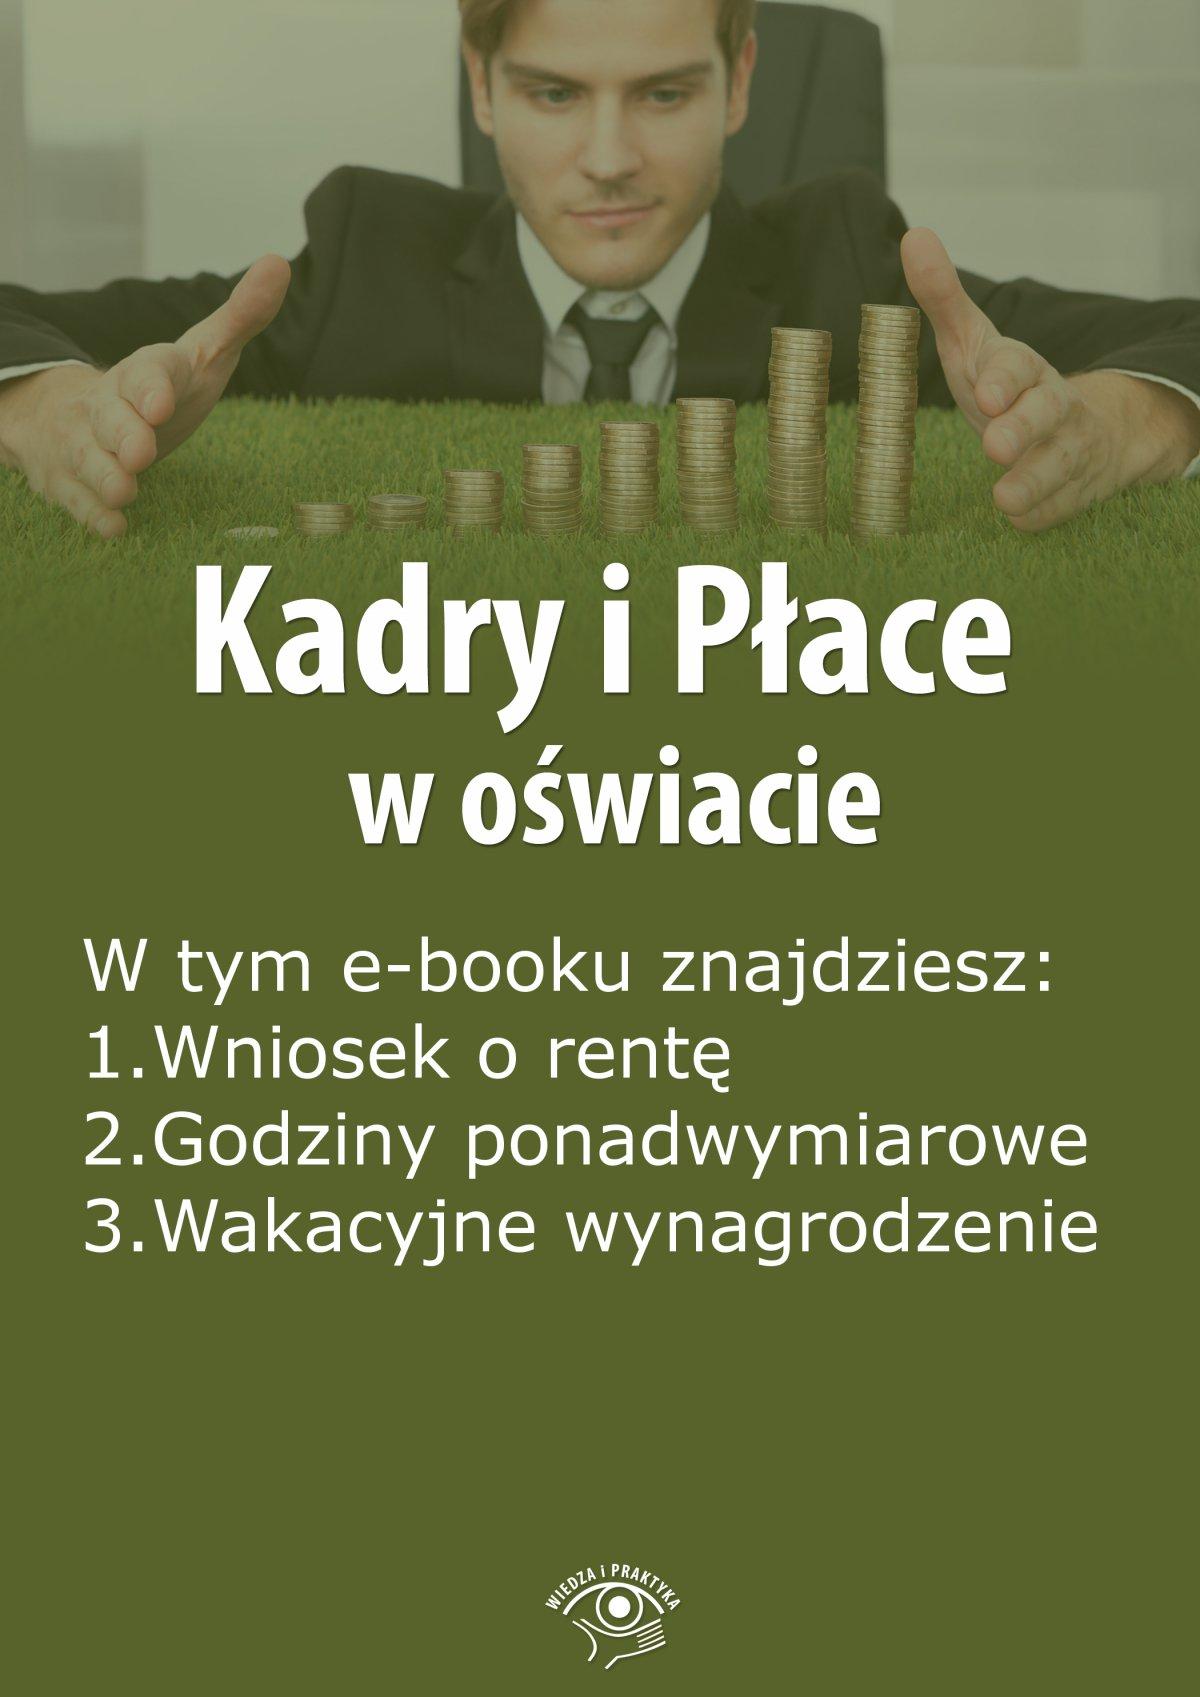 Kadry i Płace w oświacie, wydanie czerwiec 2015 r. - Ebook (Książka EPUB) do pobrania w formacie EPUB